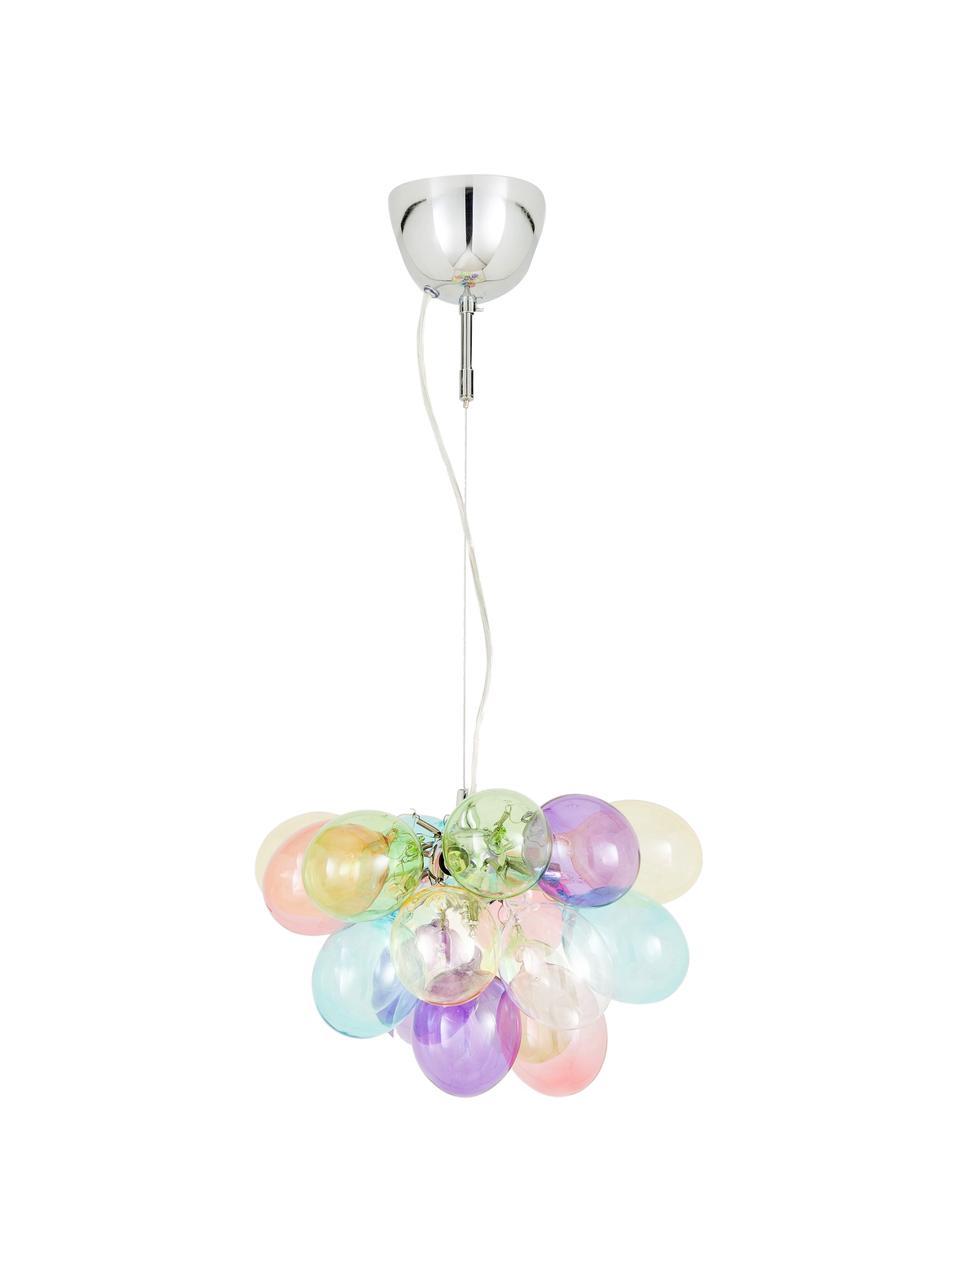 Lampada a sospensione con sfere di vetro Gross, Baldacchino: metallo rivestito, Multicolore, Ø 30 x Alt. 28 cm